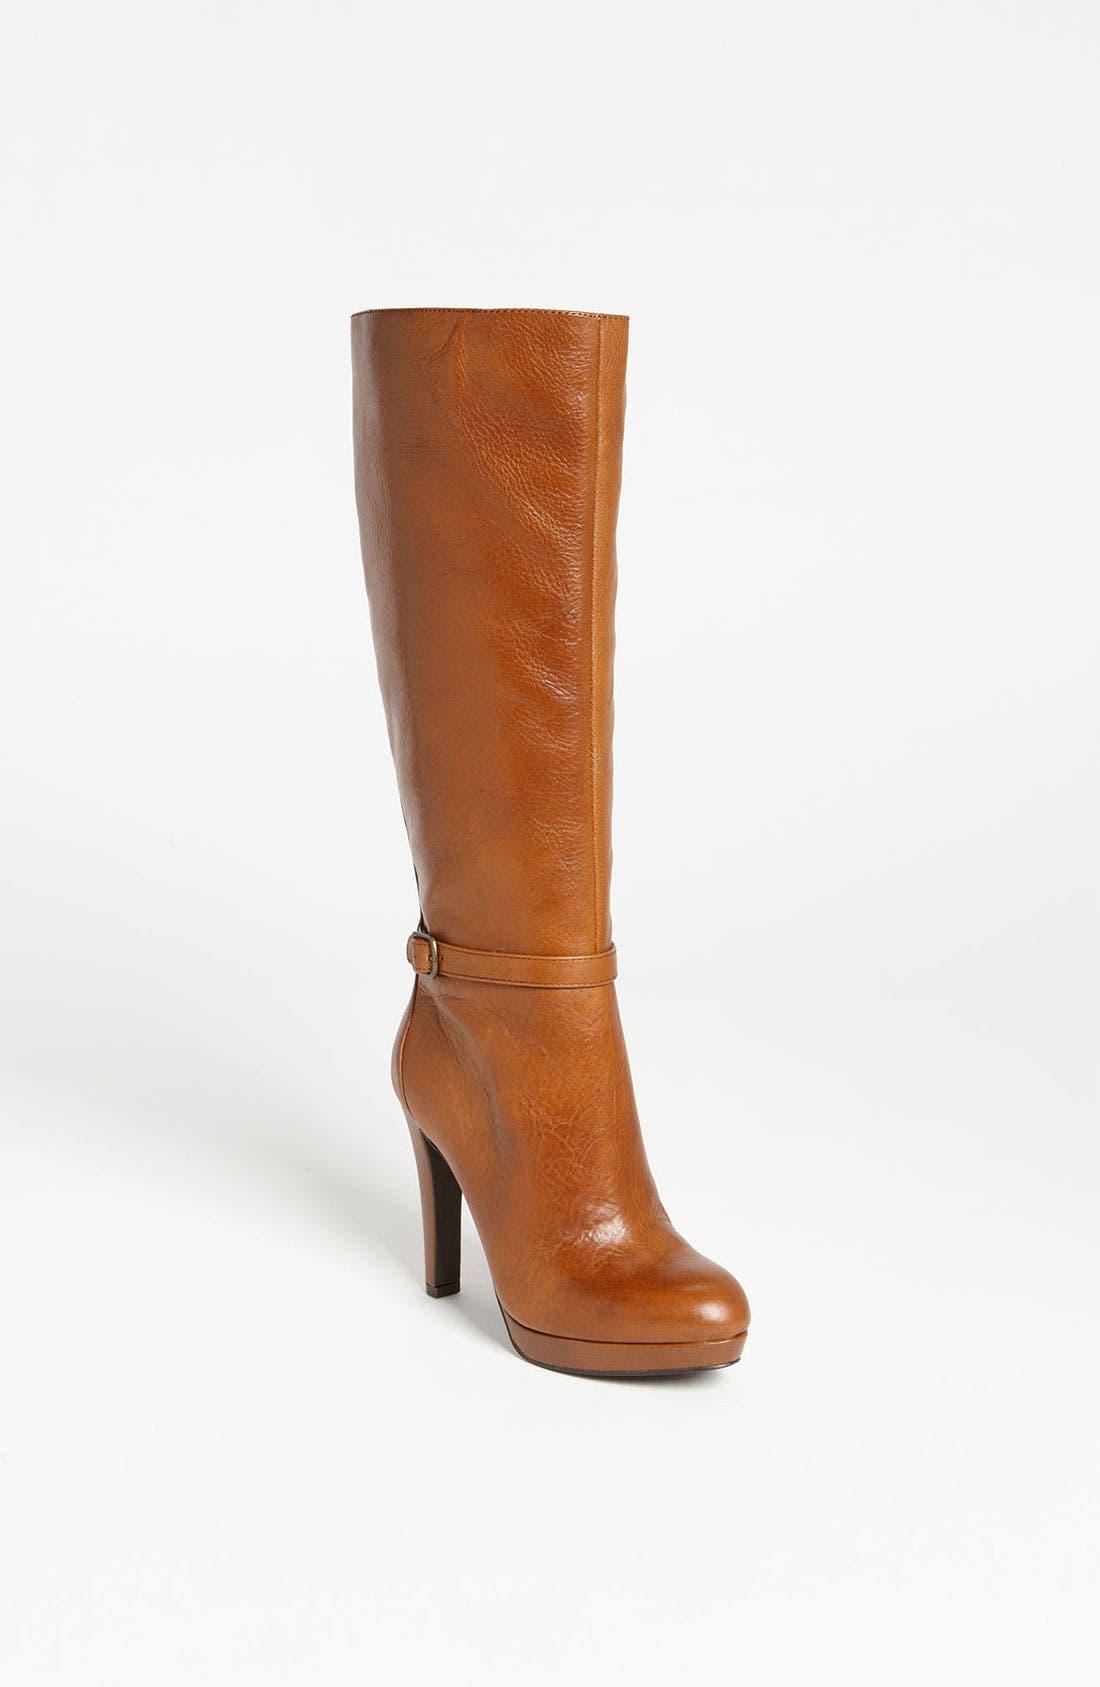 JESSICA SIMPSON 'Khalen' Boot, Main, color, 202